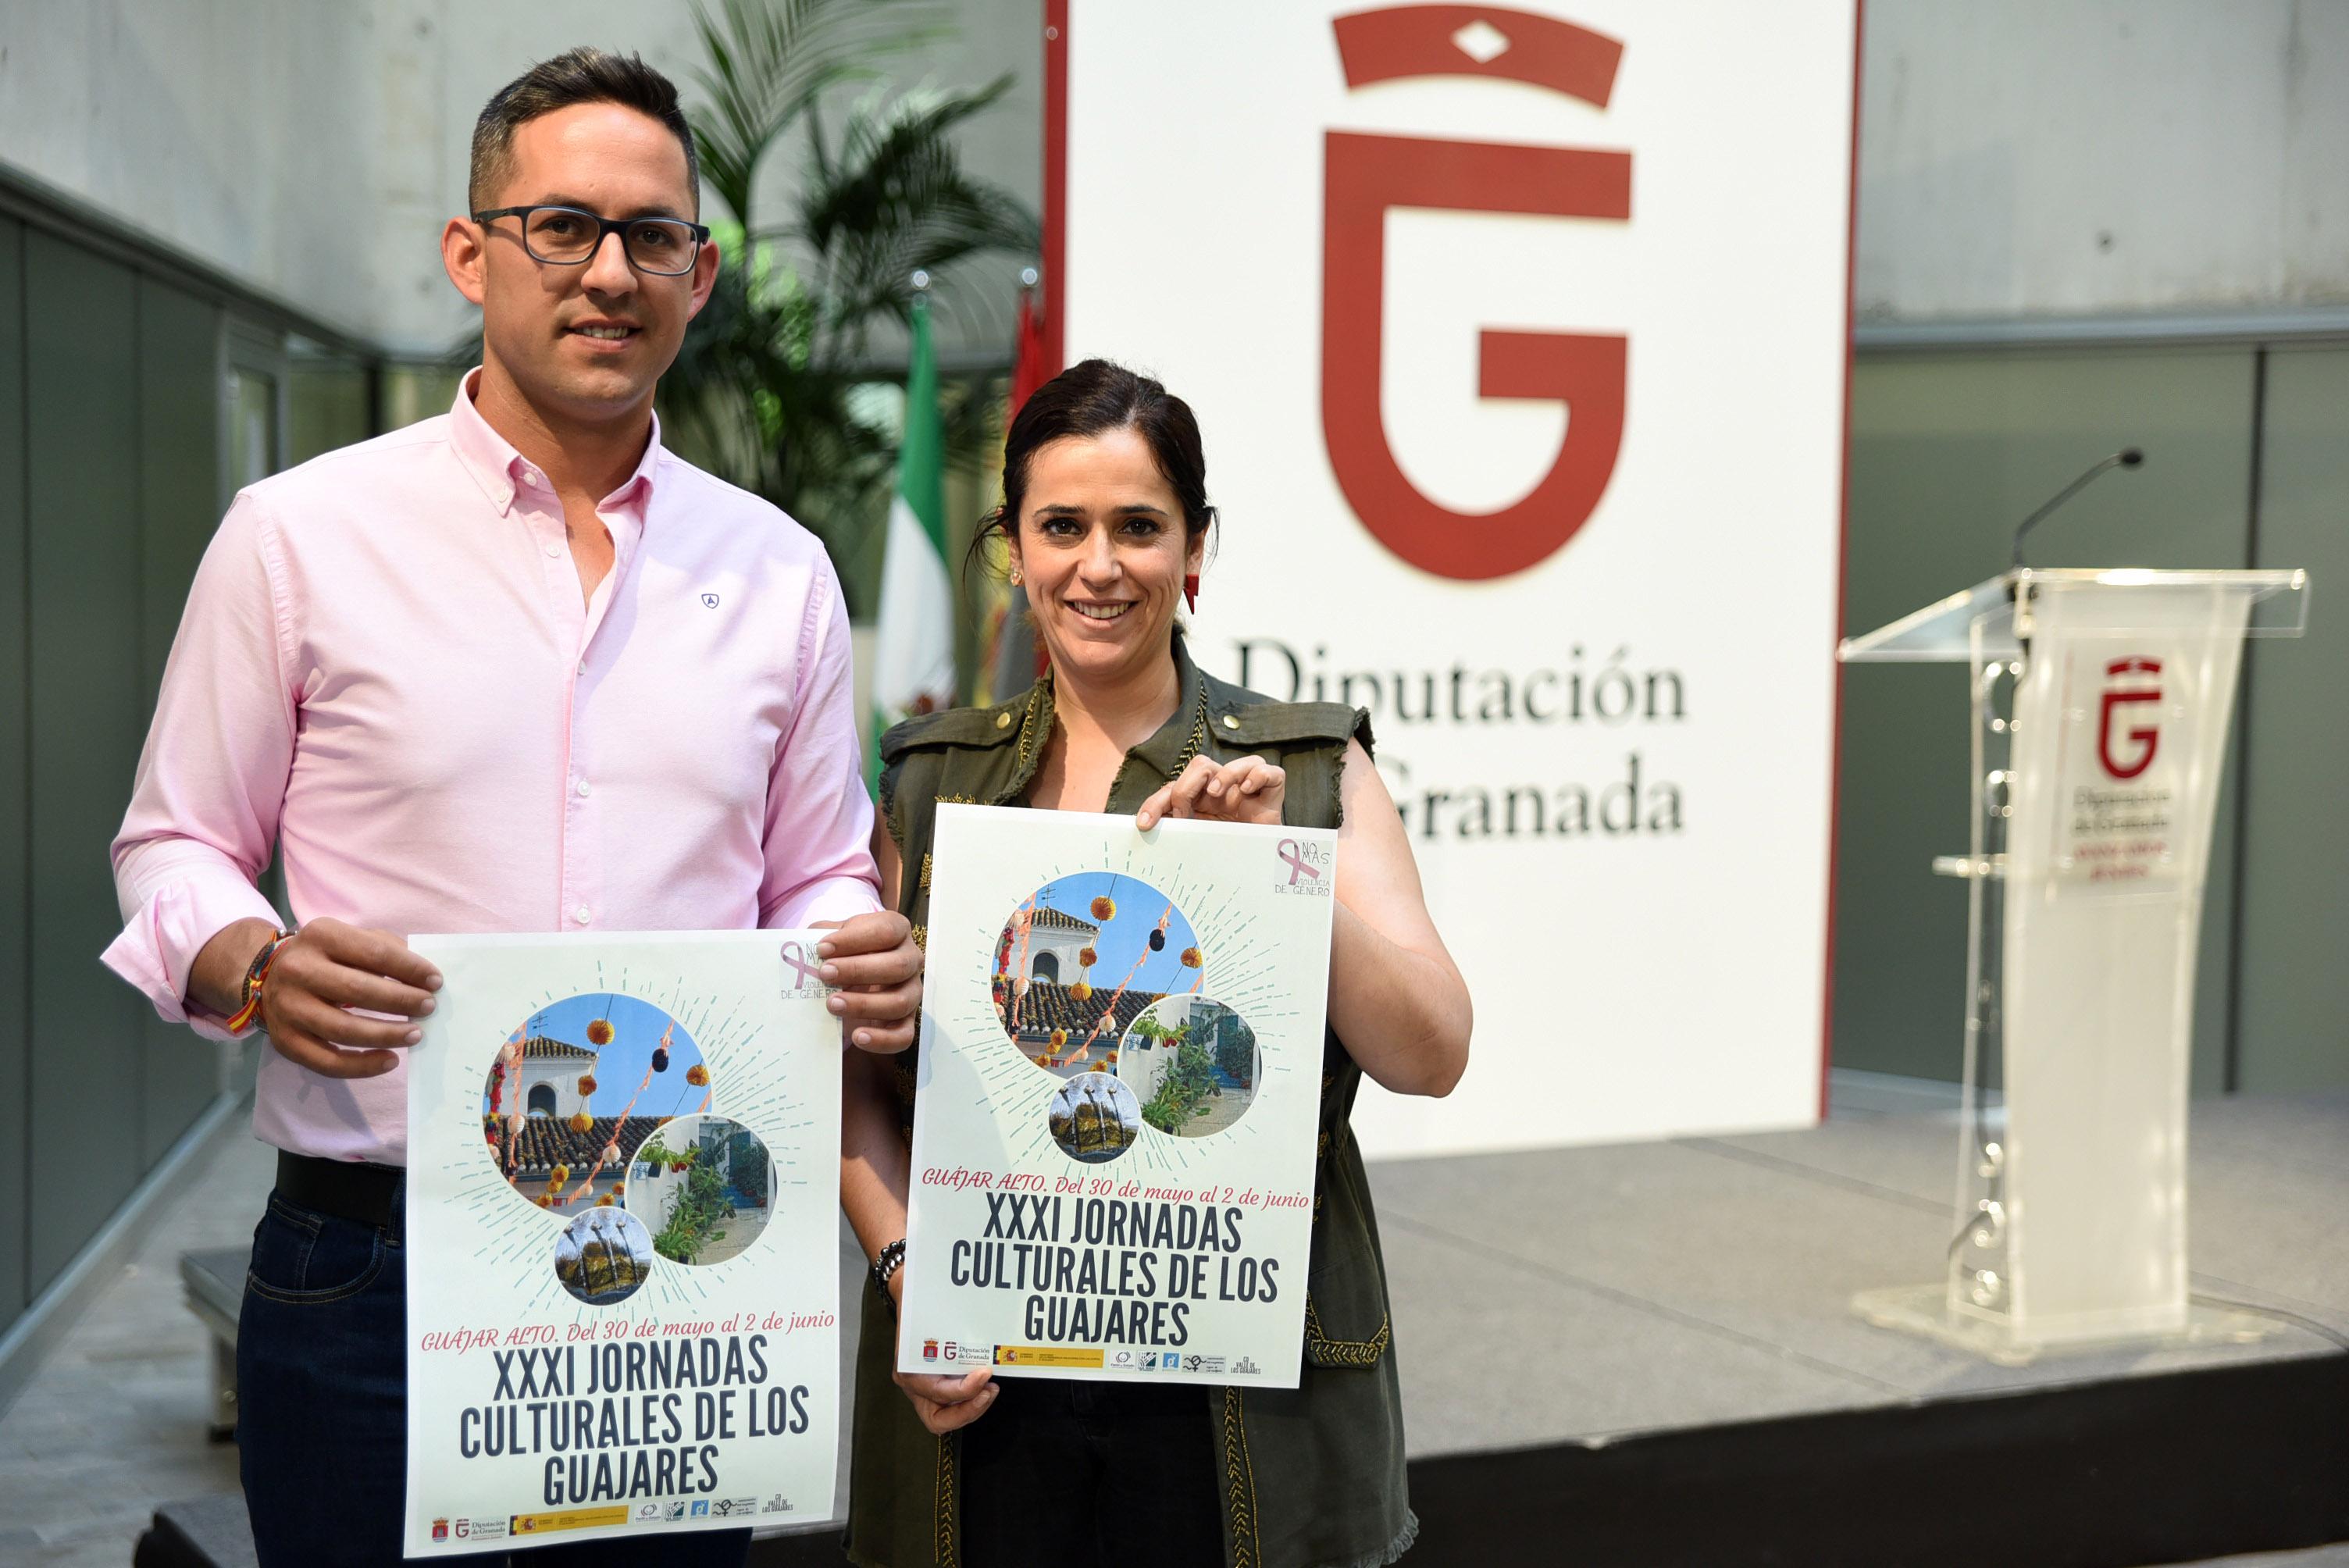 Voluntariado ambiental y lucha contra la violencia de género, en las Jornadas Culturales de los Guájares